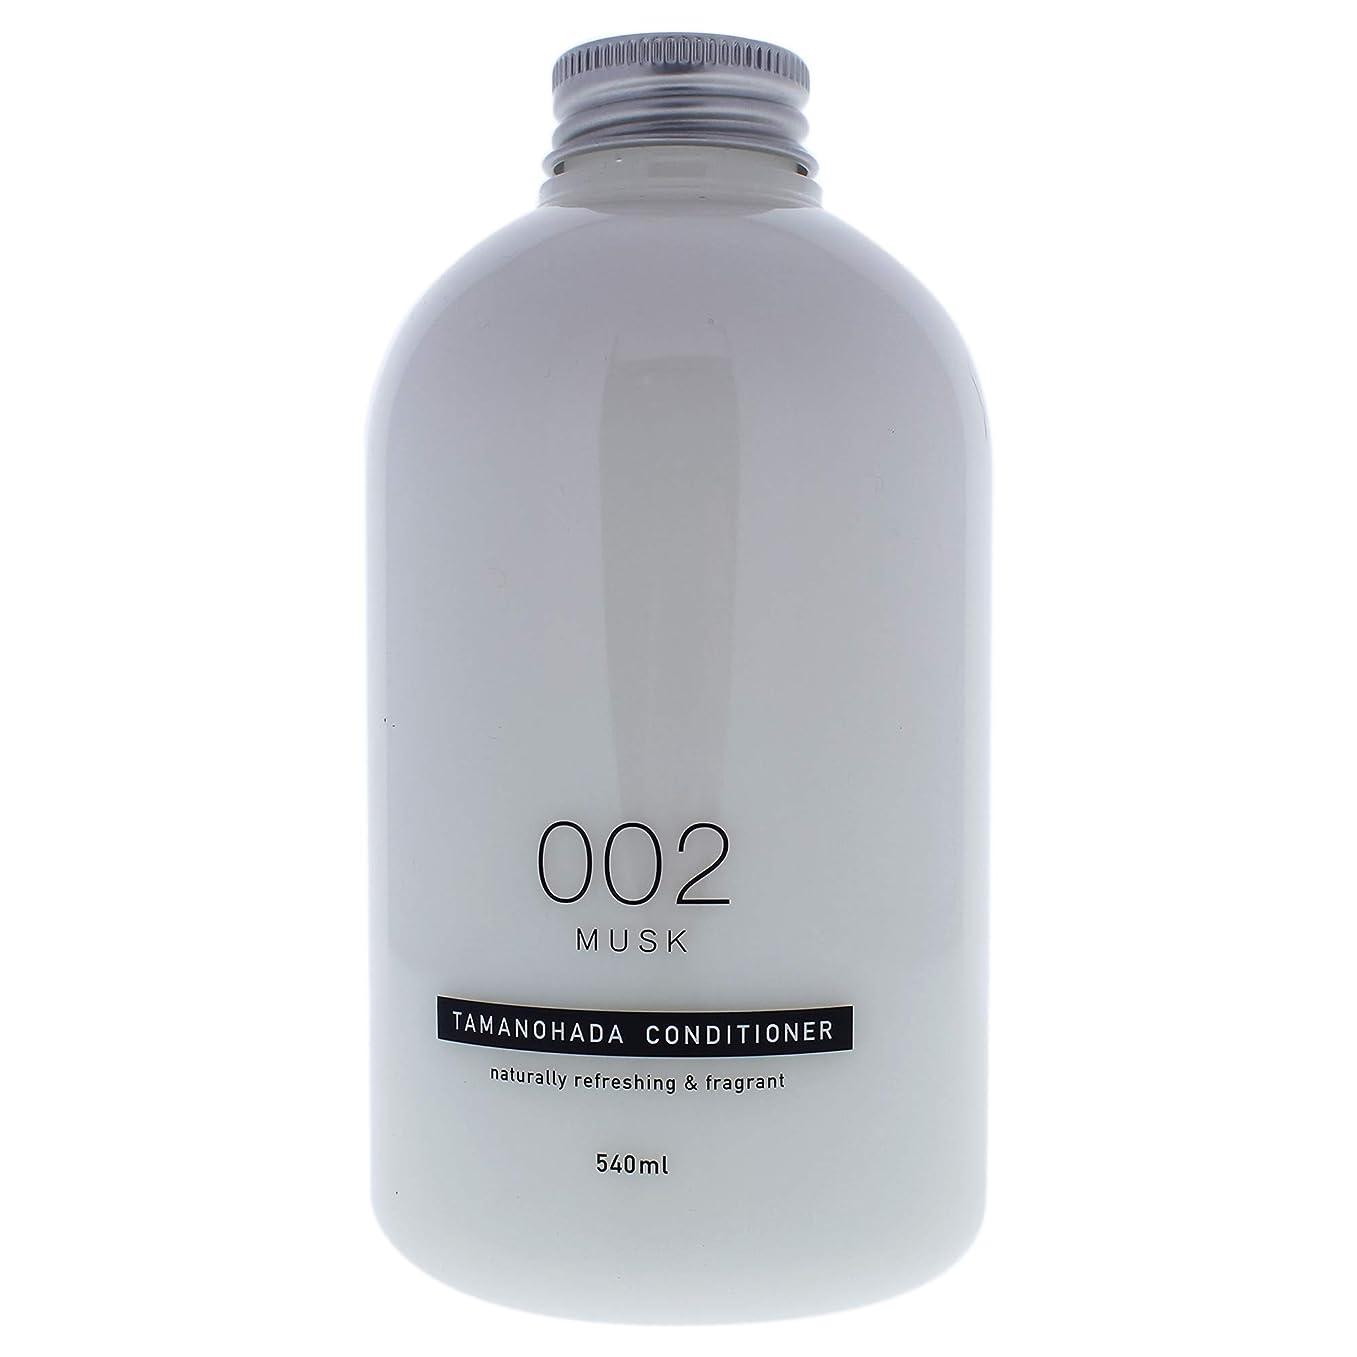 氷抗生物質耕すタマノハダ コンディショナー 002 ムスク 540ml